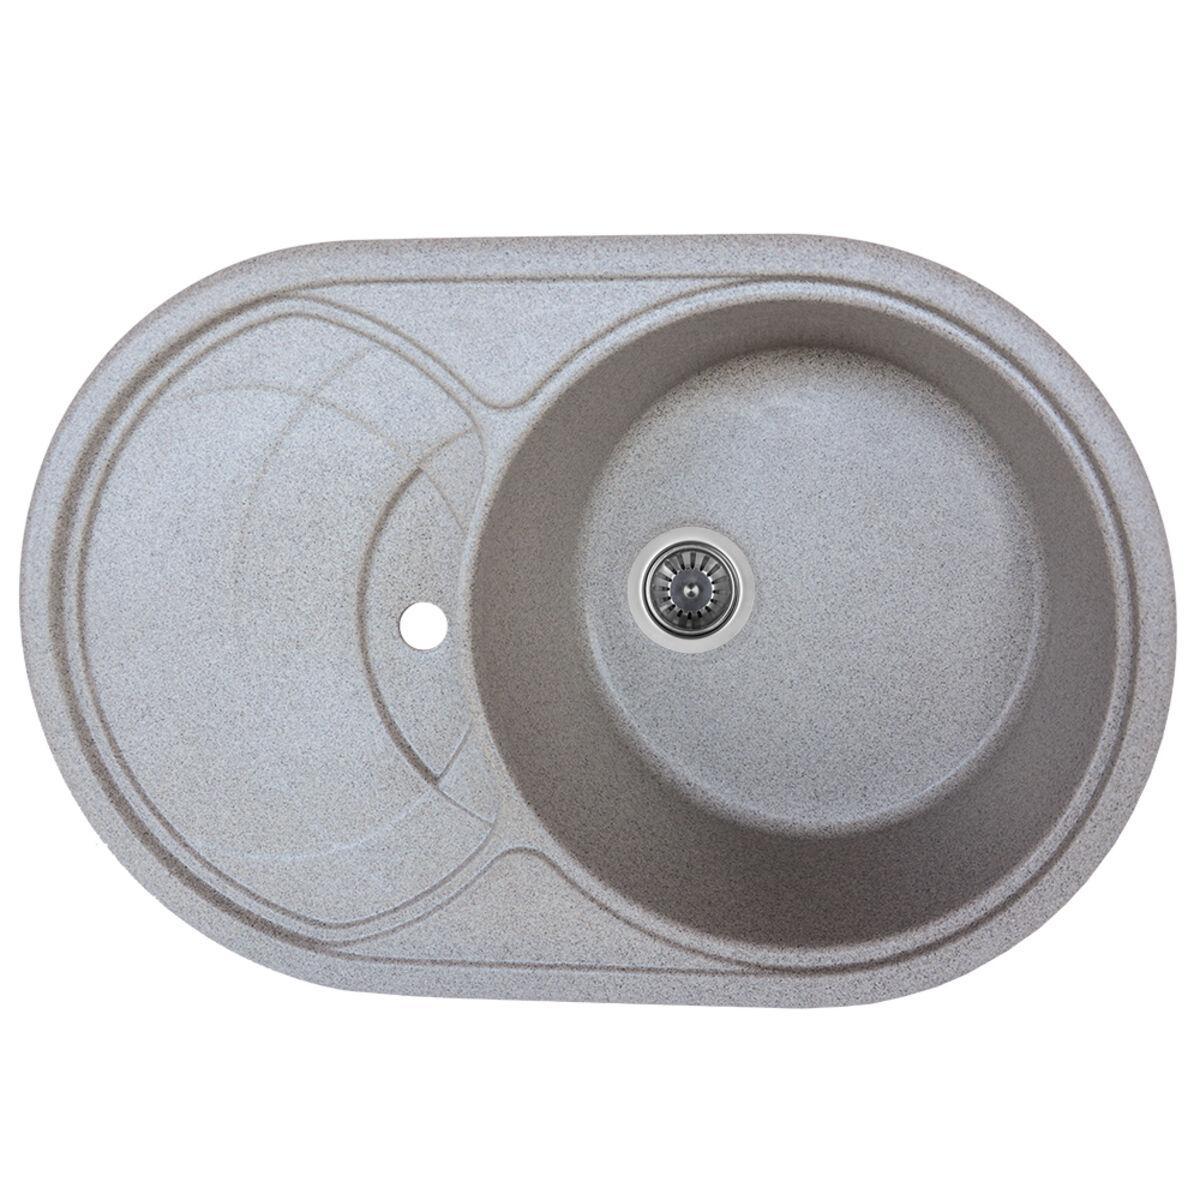 Гранитная мойка для кухни Platinum 7750 GAZZO глянец Серая